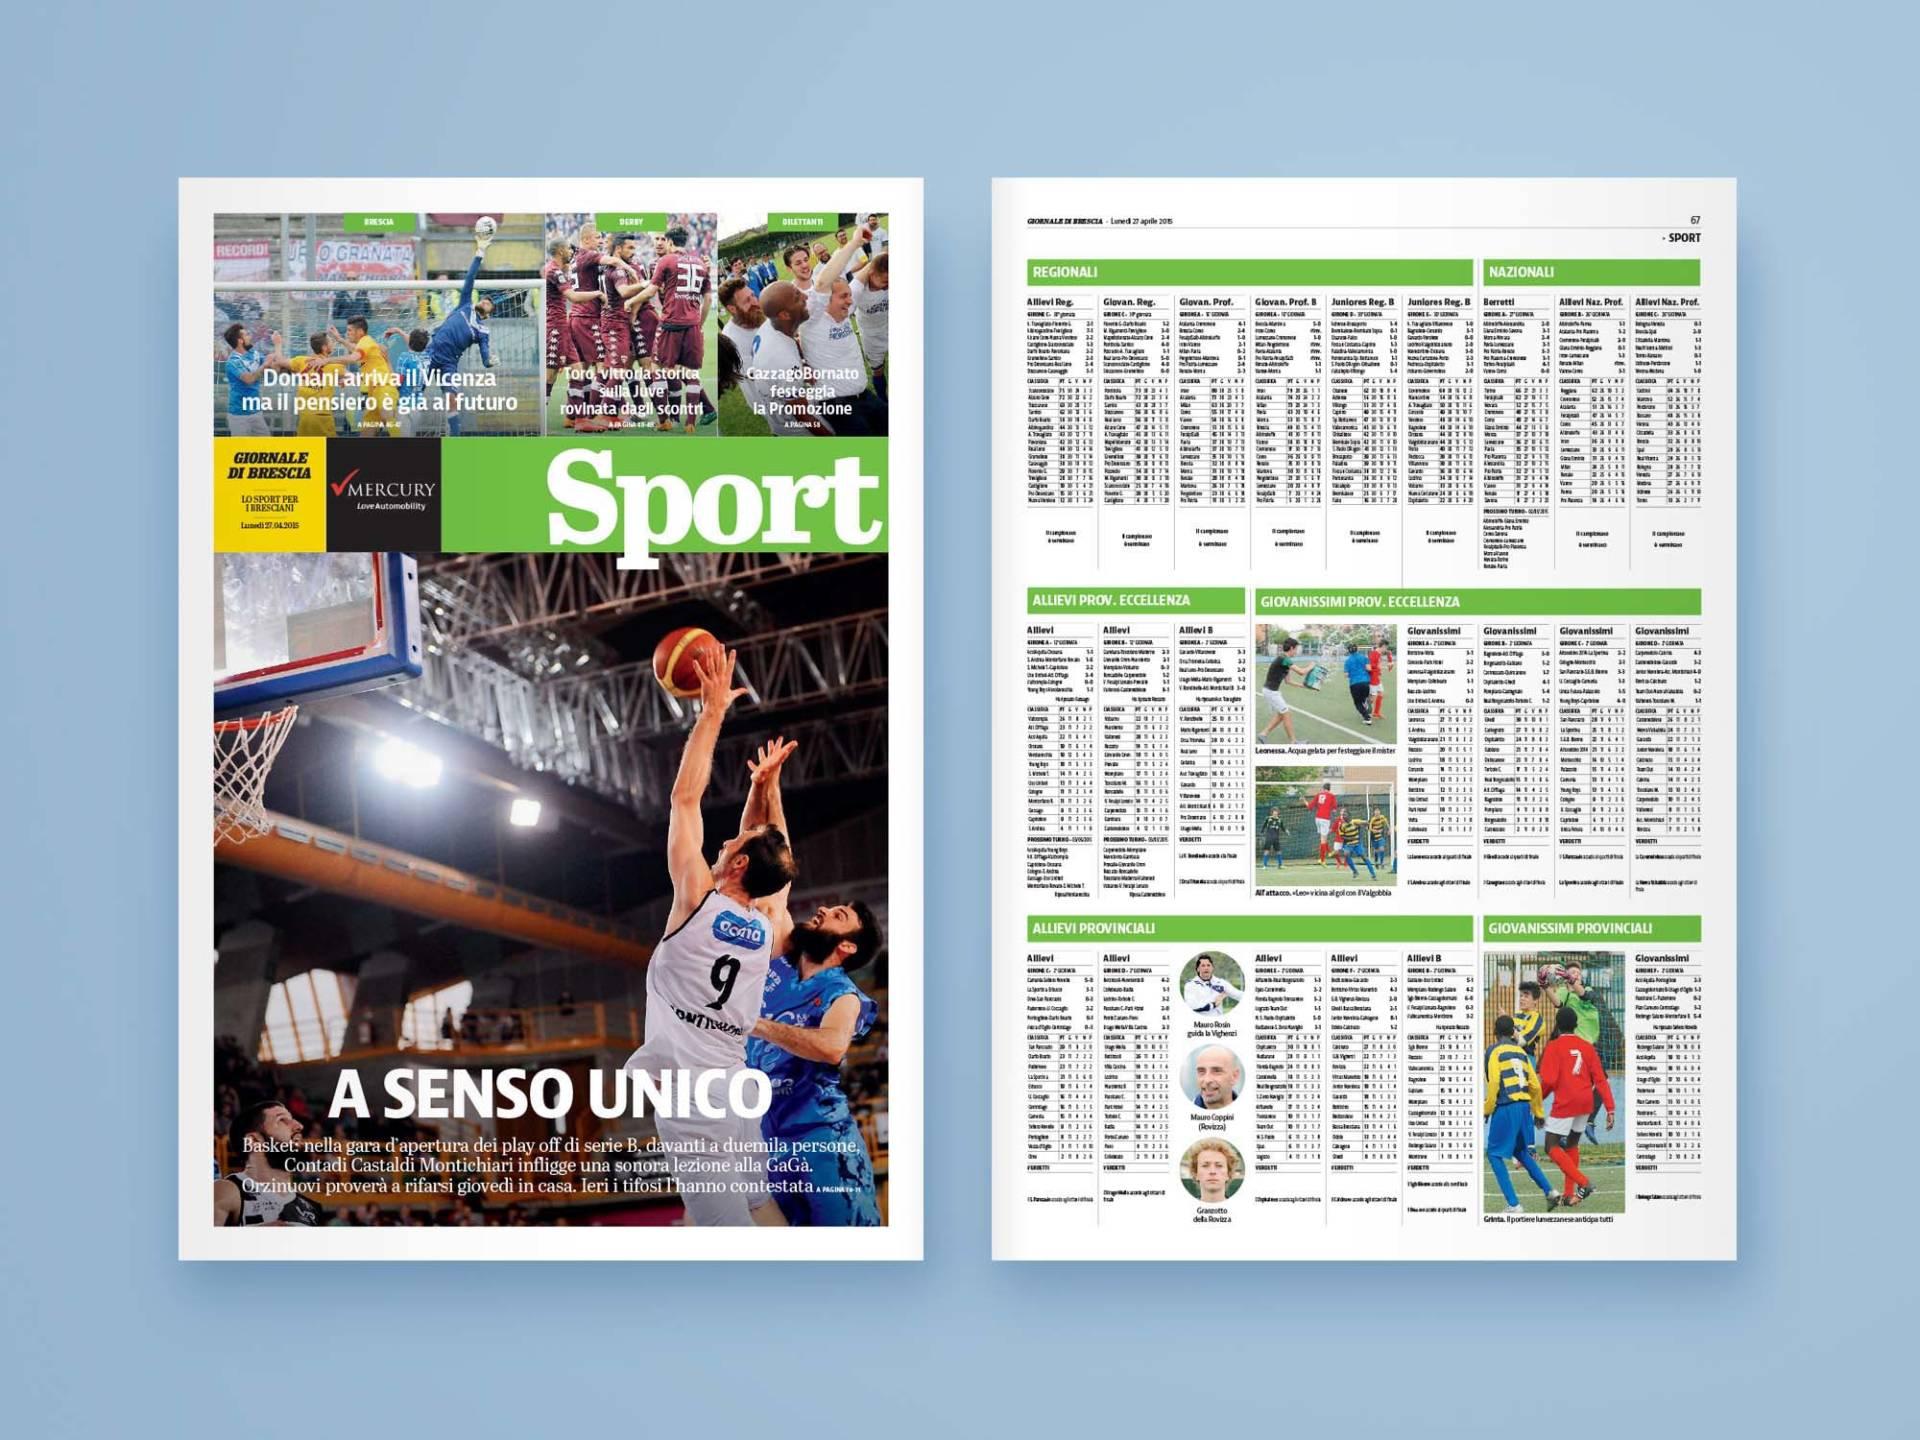 Giornale_di_Brescia_10_Wenceslau_News_Design